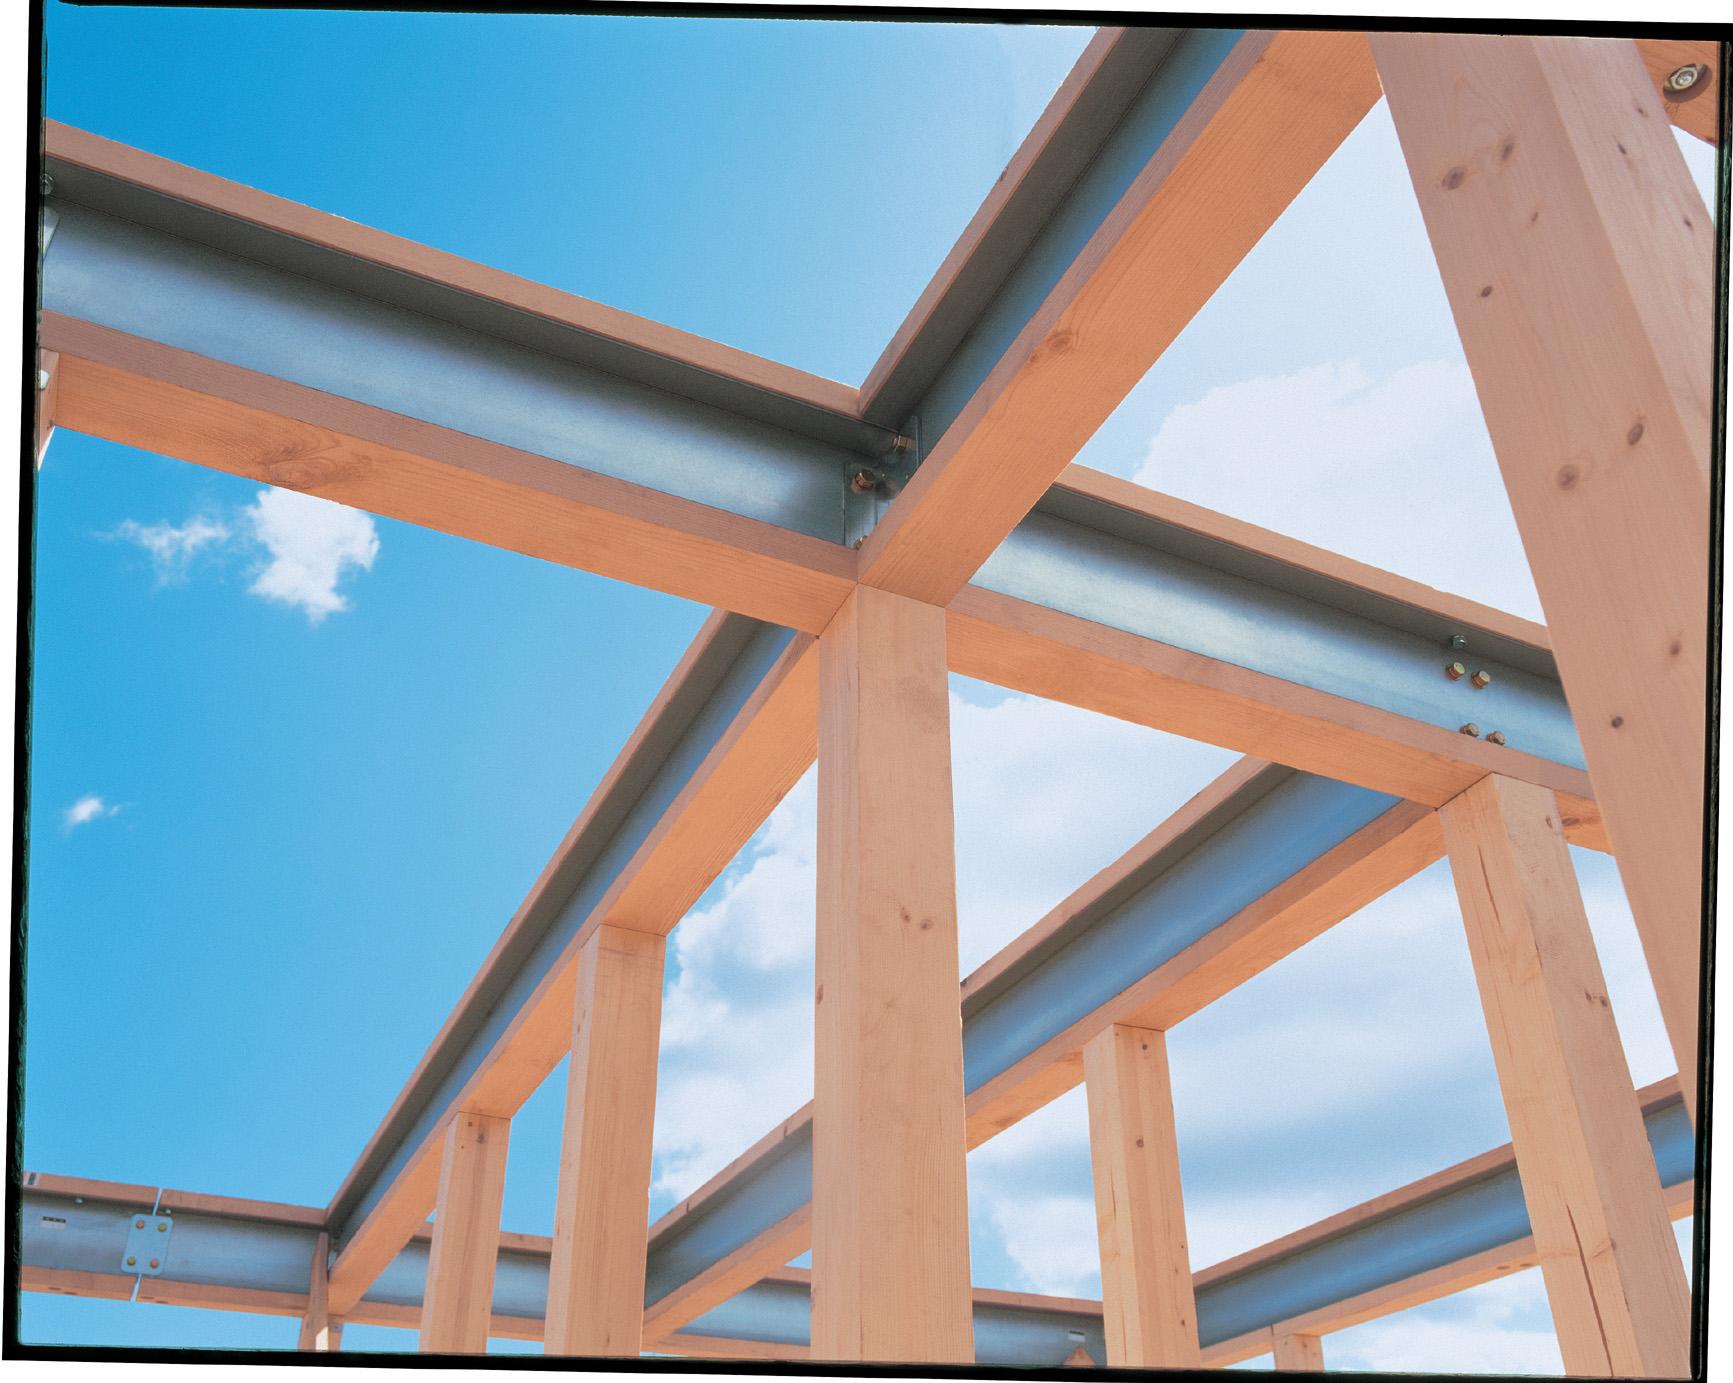 構造計算ではじき出された部材で造り上げる世界で1棟の住いが完成します